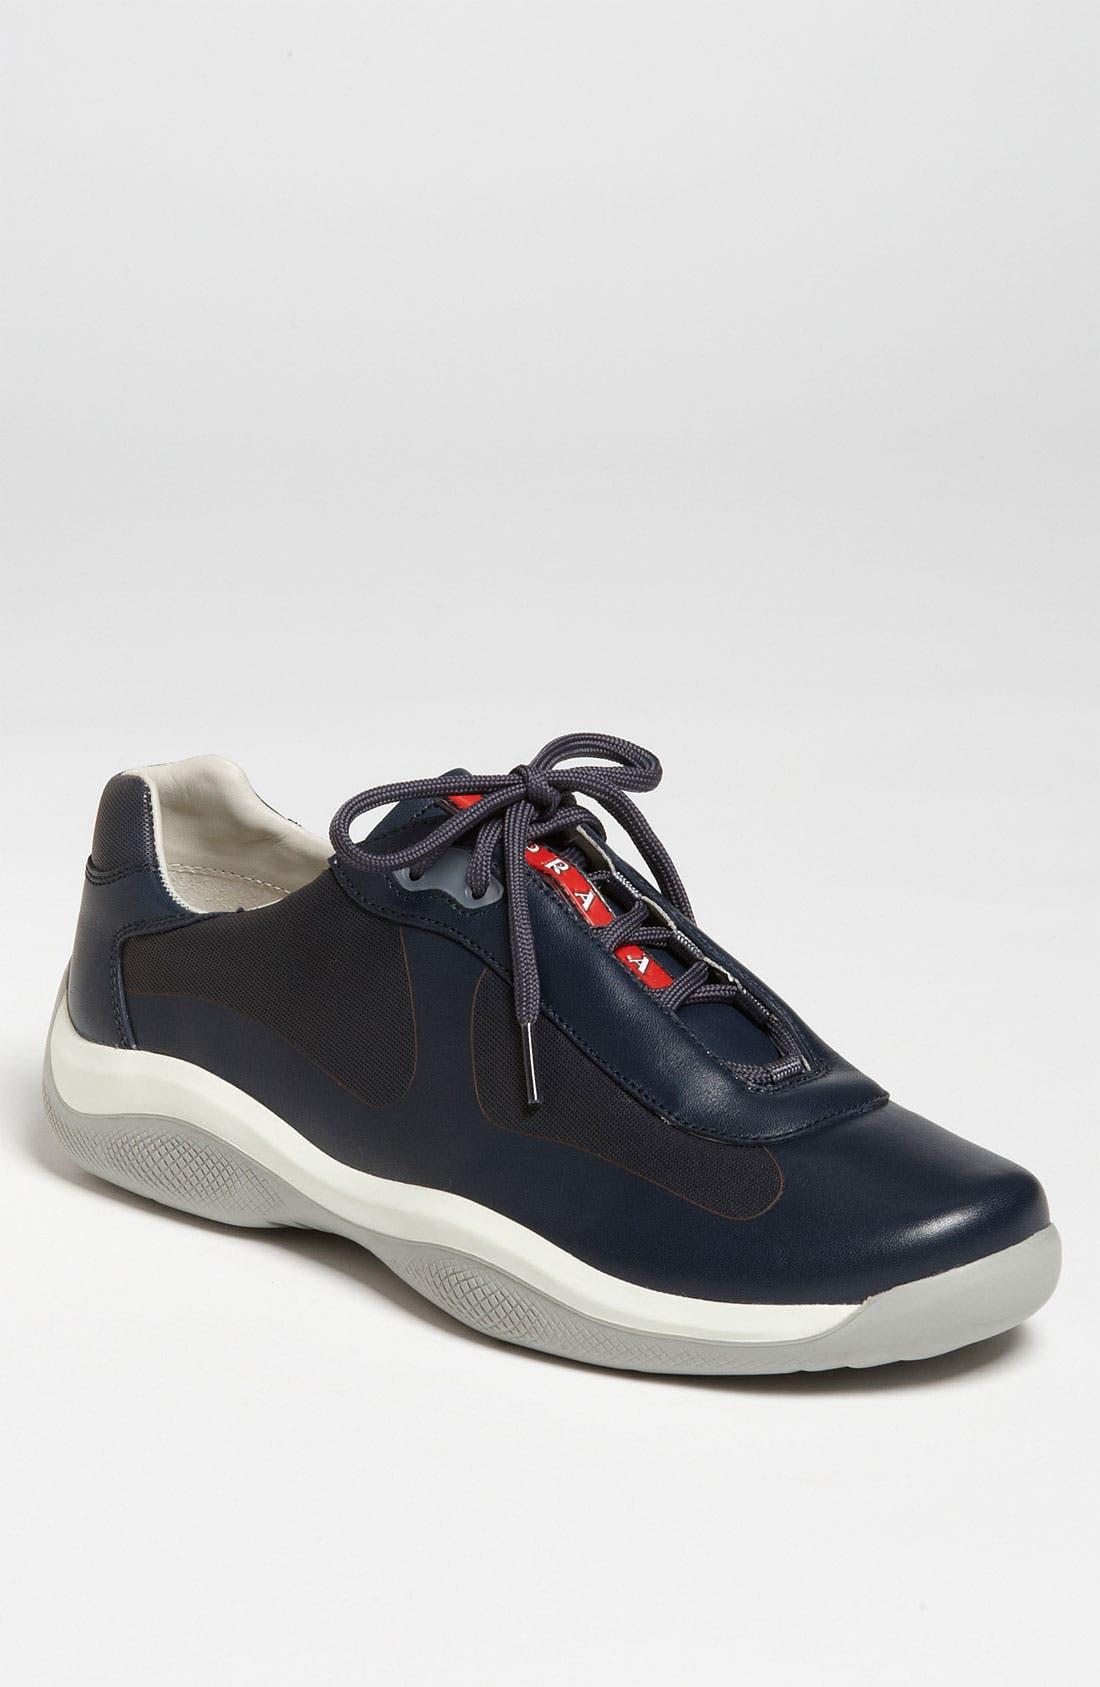 Main Image - Prada Leather Sneaker